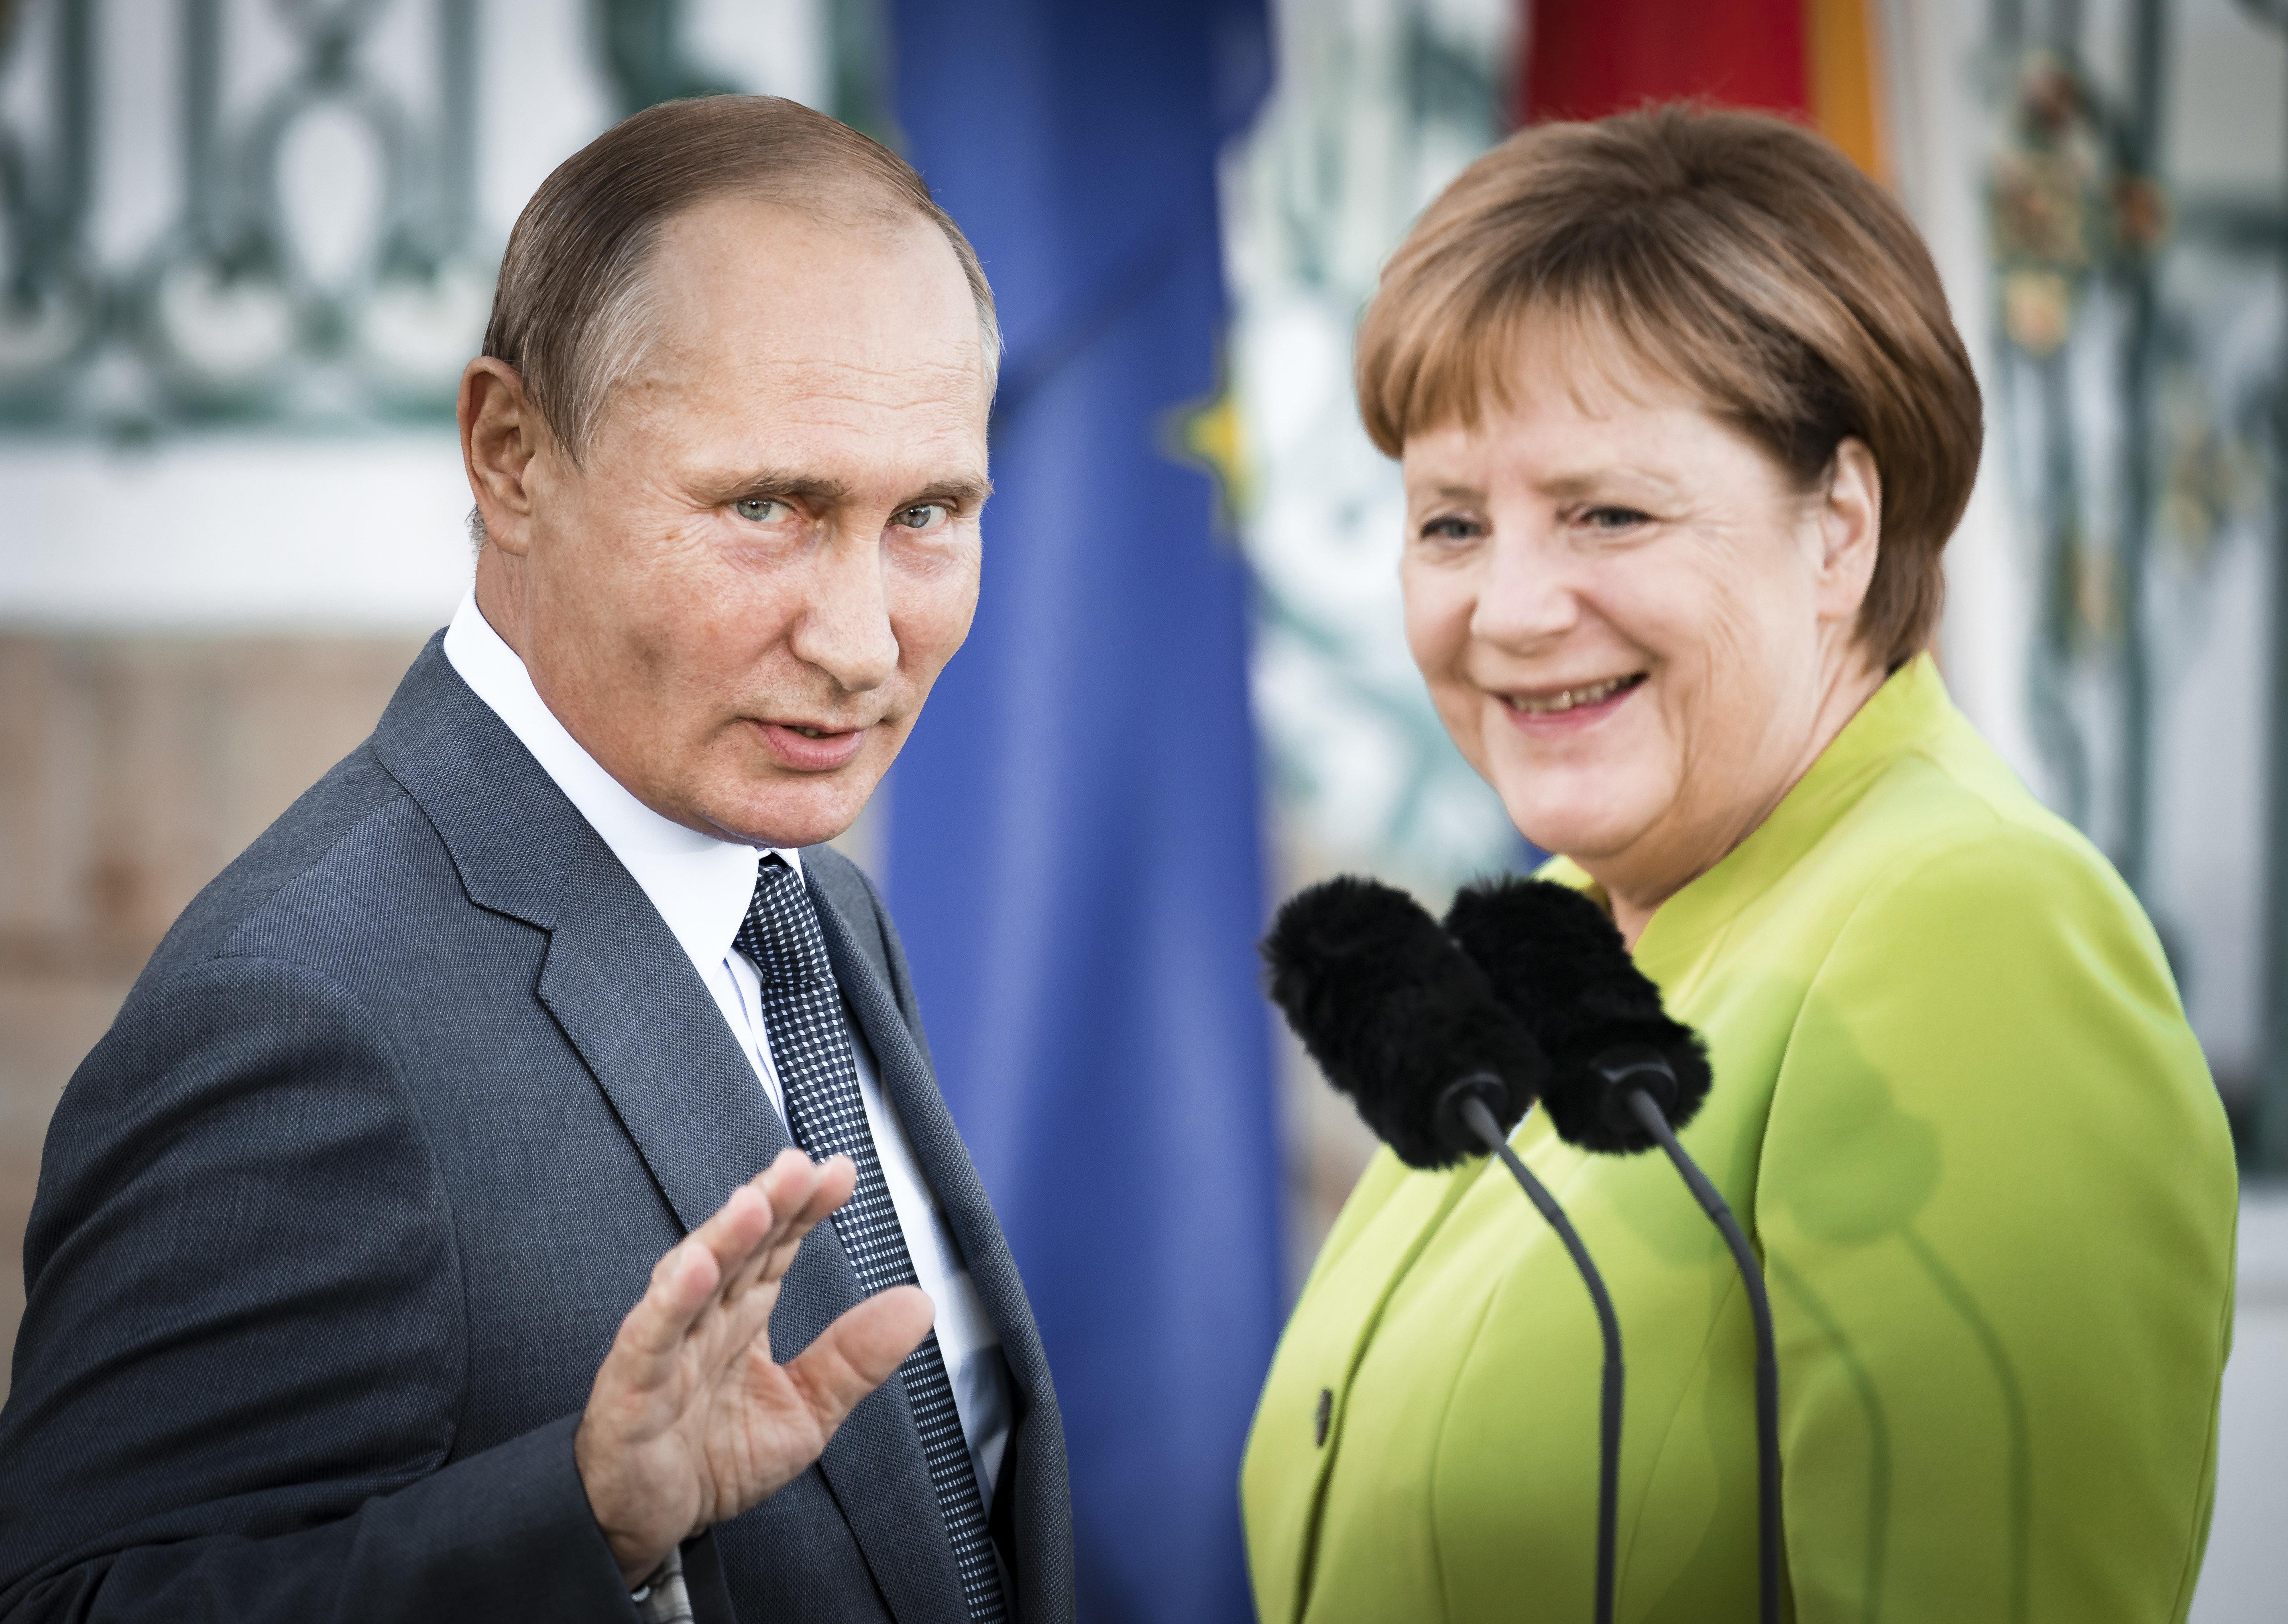 Merkel trifft Putin: Wie die Kanzlerin ihre Politik in drei Stunden verraten